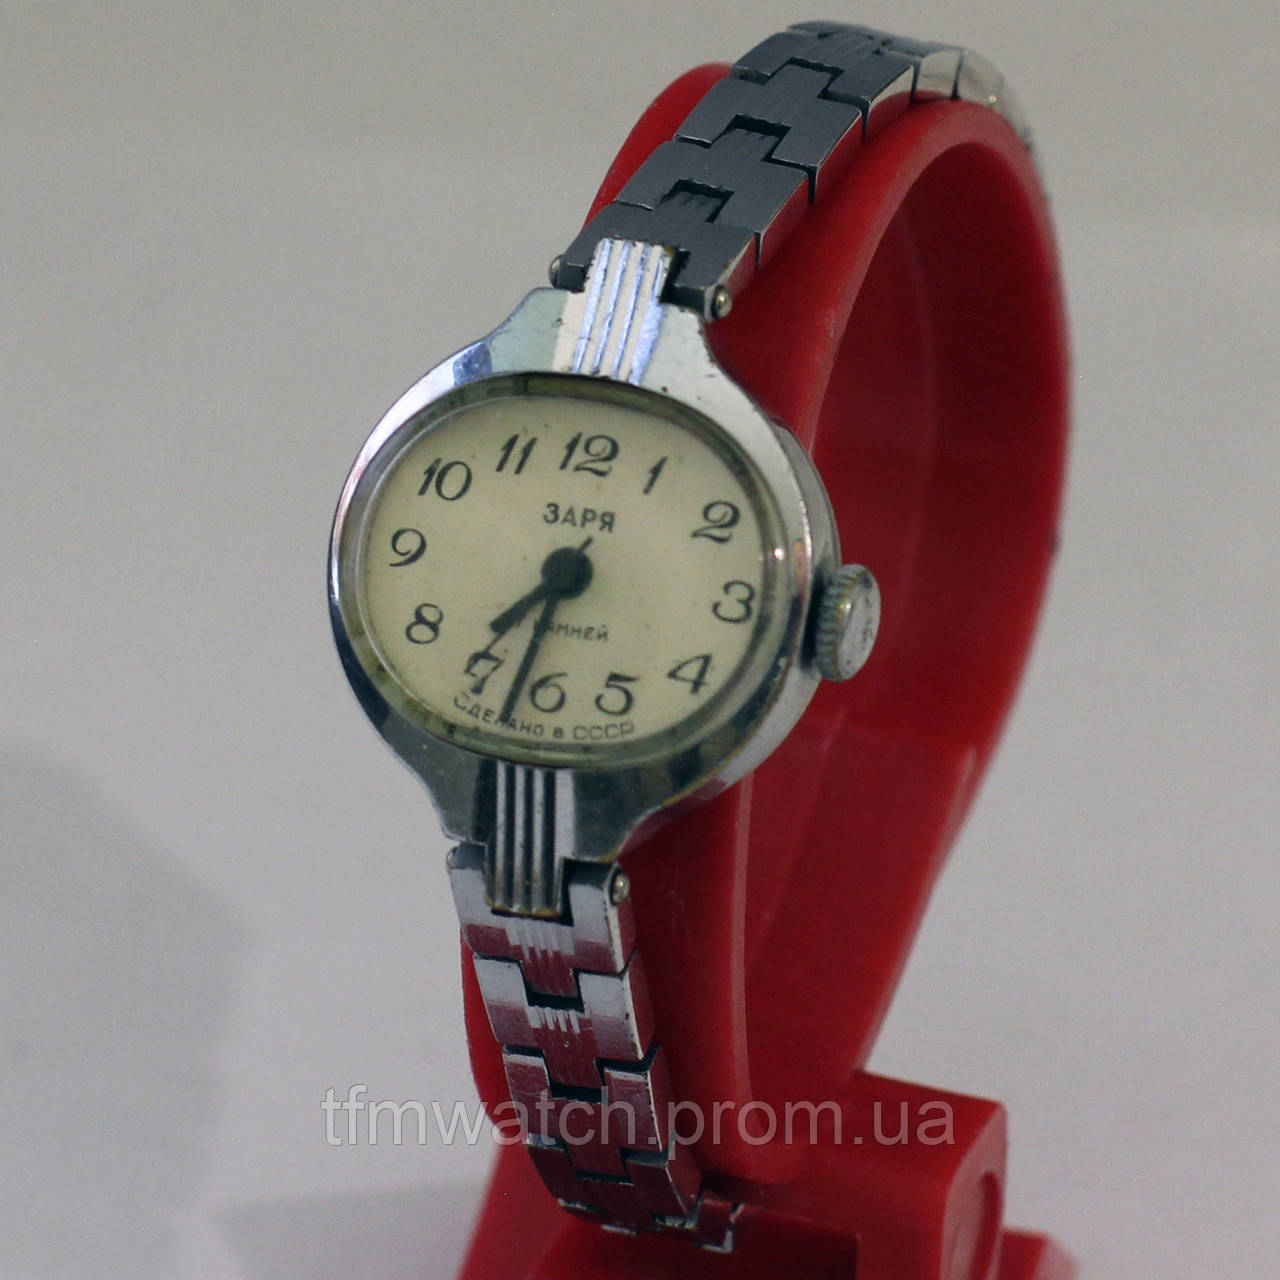 Заря женские часы СССР